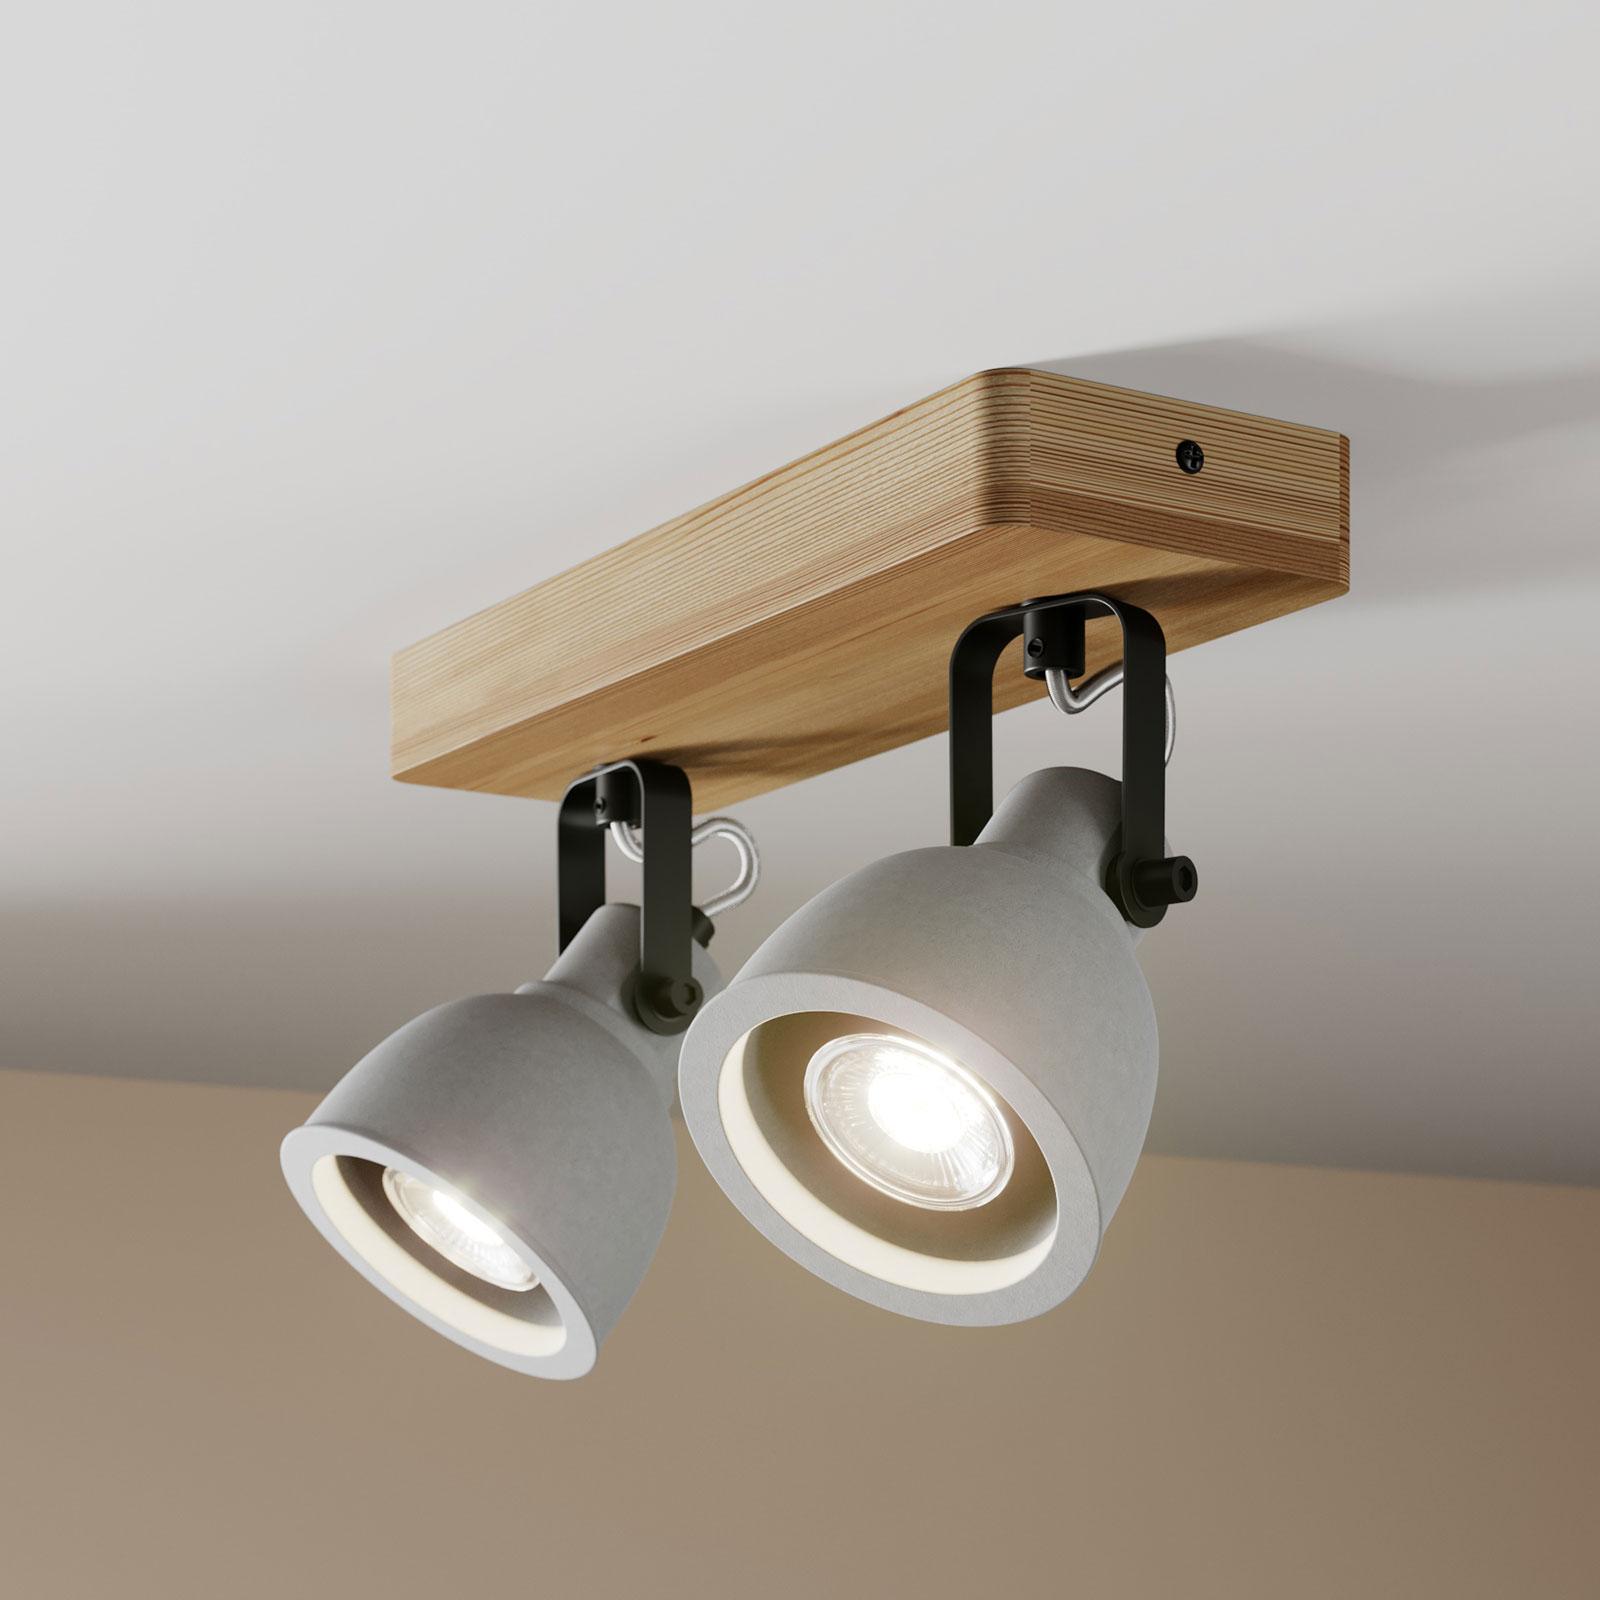 Lindby Mirka LED-taklampe, furutre, 2 lyskilder